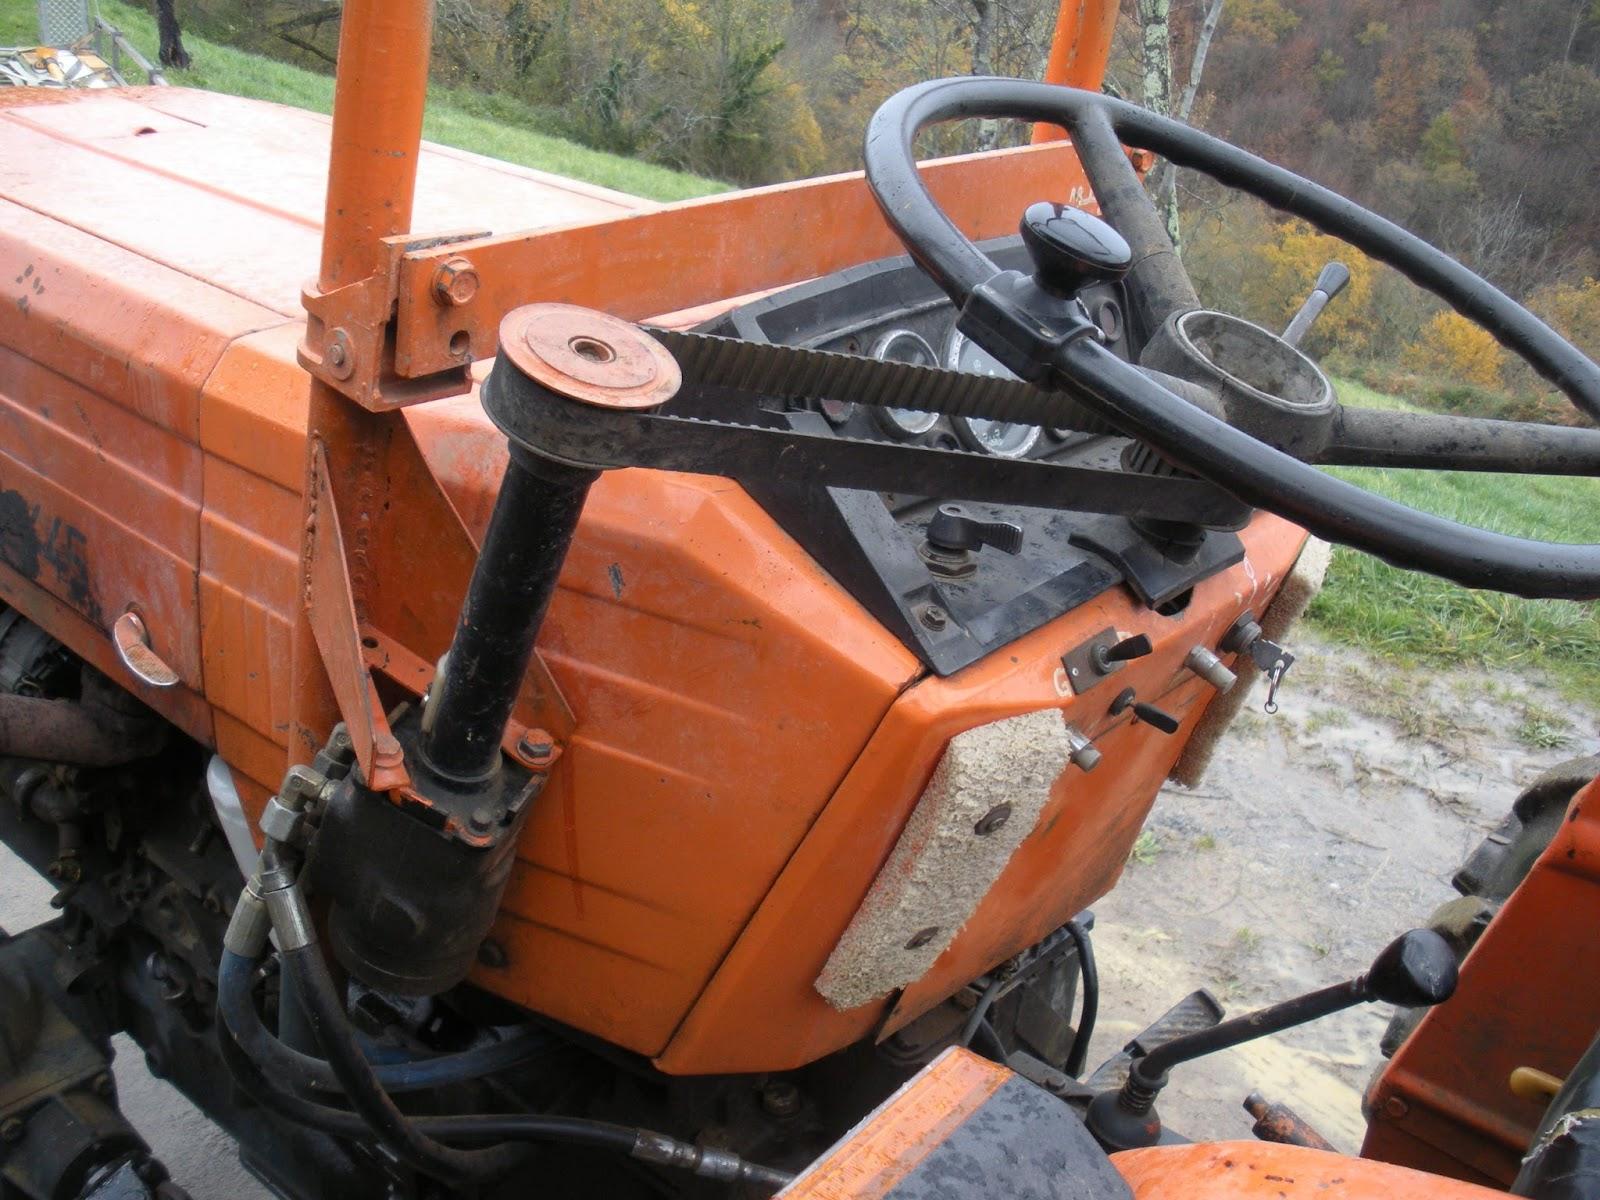 Fordson Major Super Major Tractor medidor de la temperatura del agua Excelente Calidad